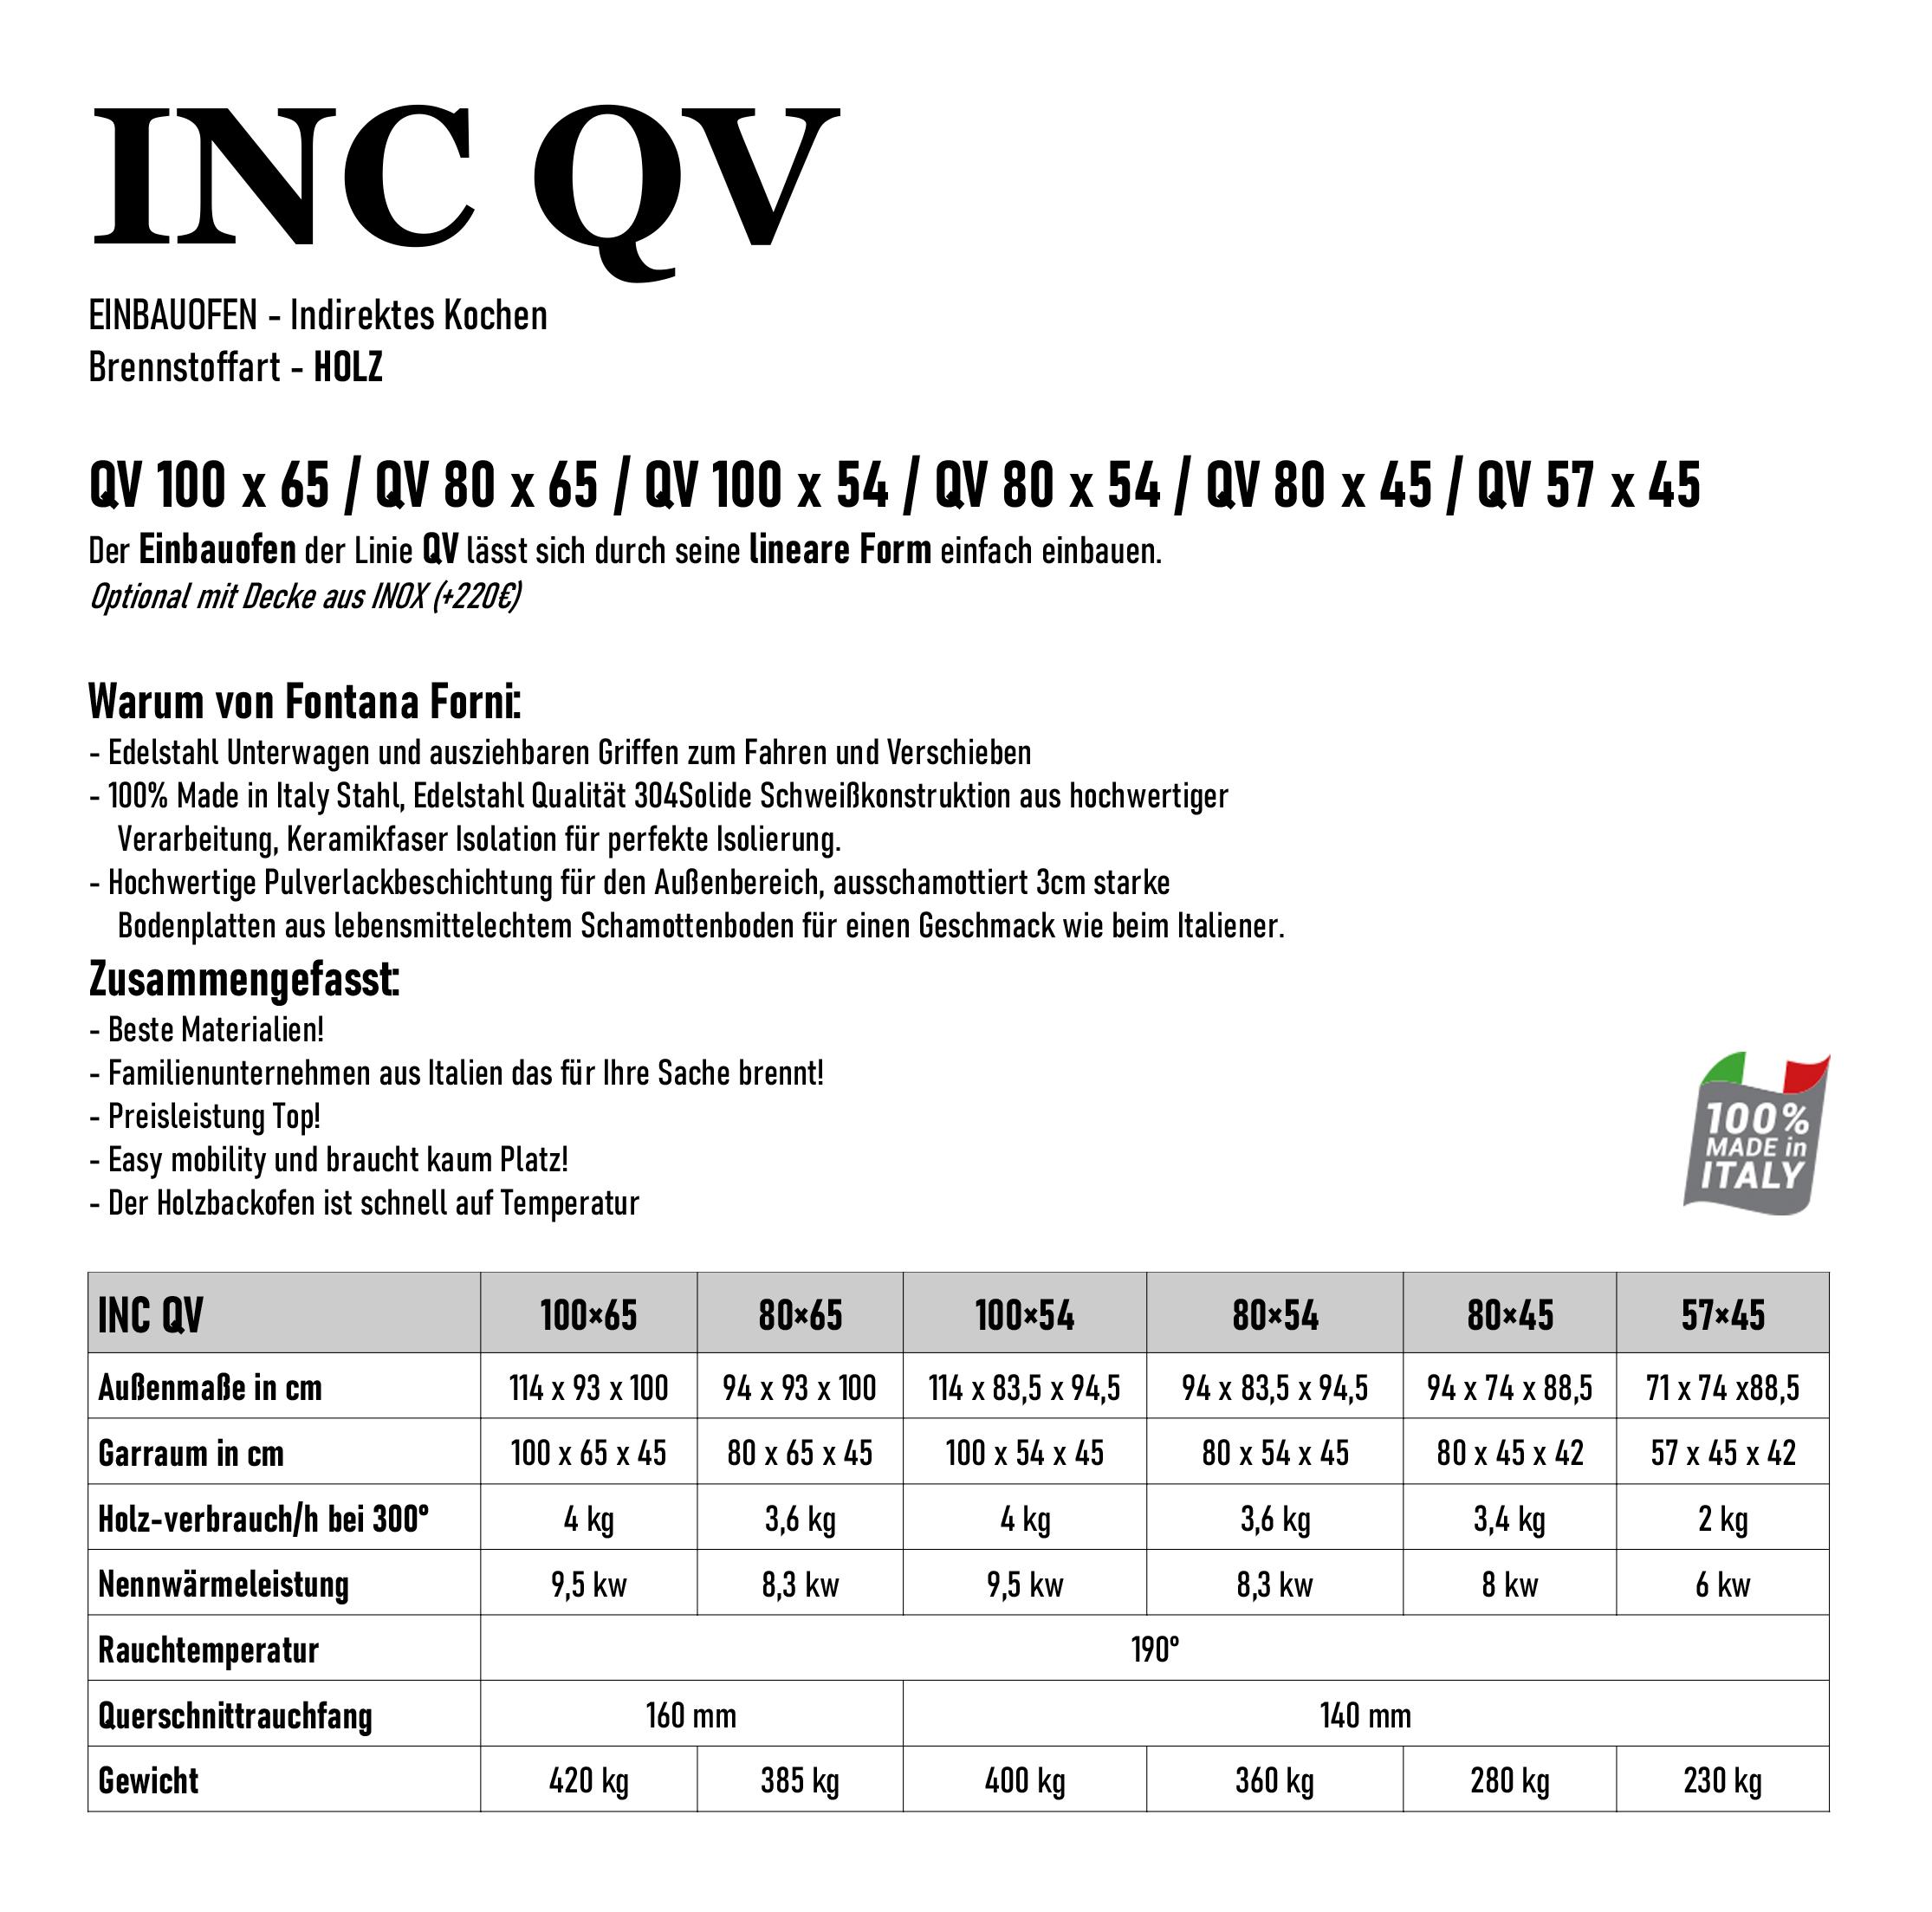 produktbeschreibung-INC-QV